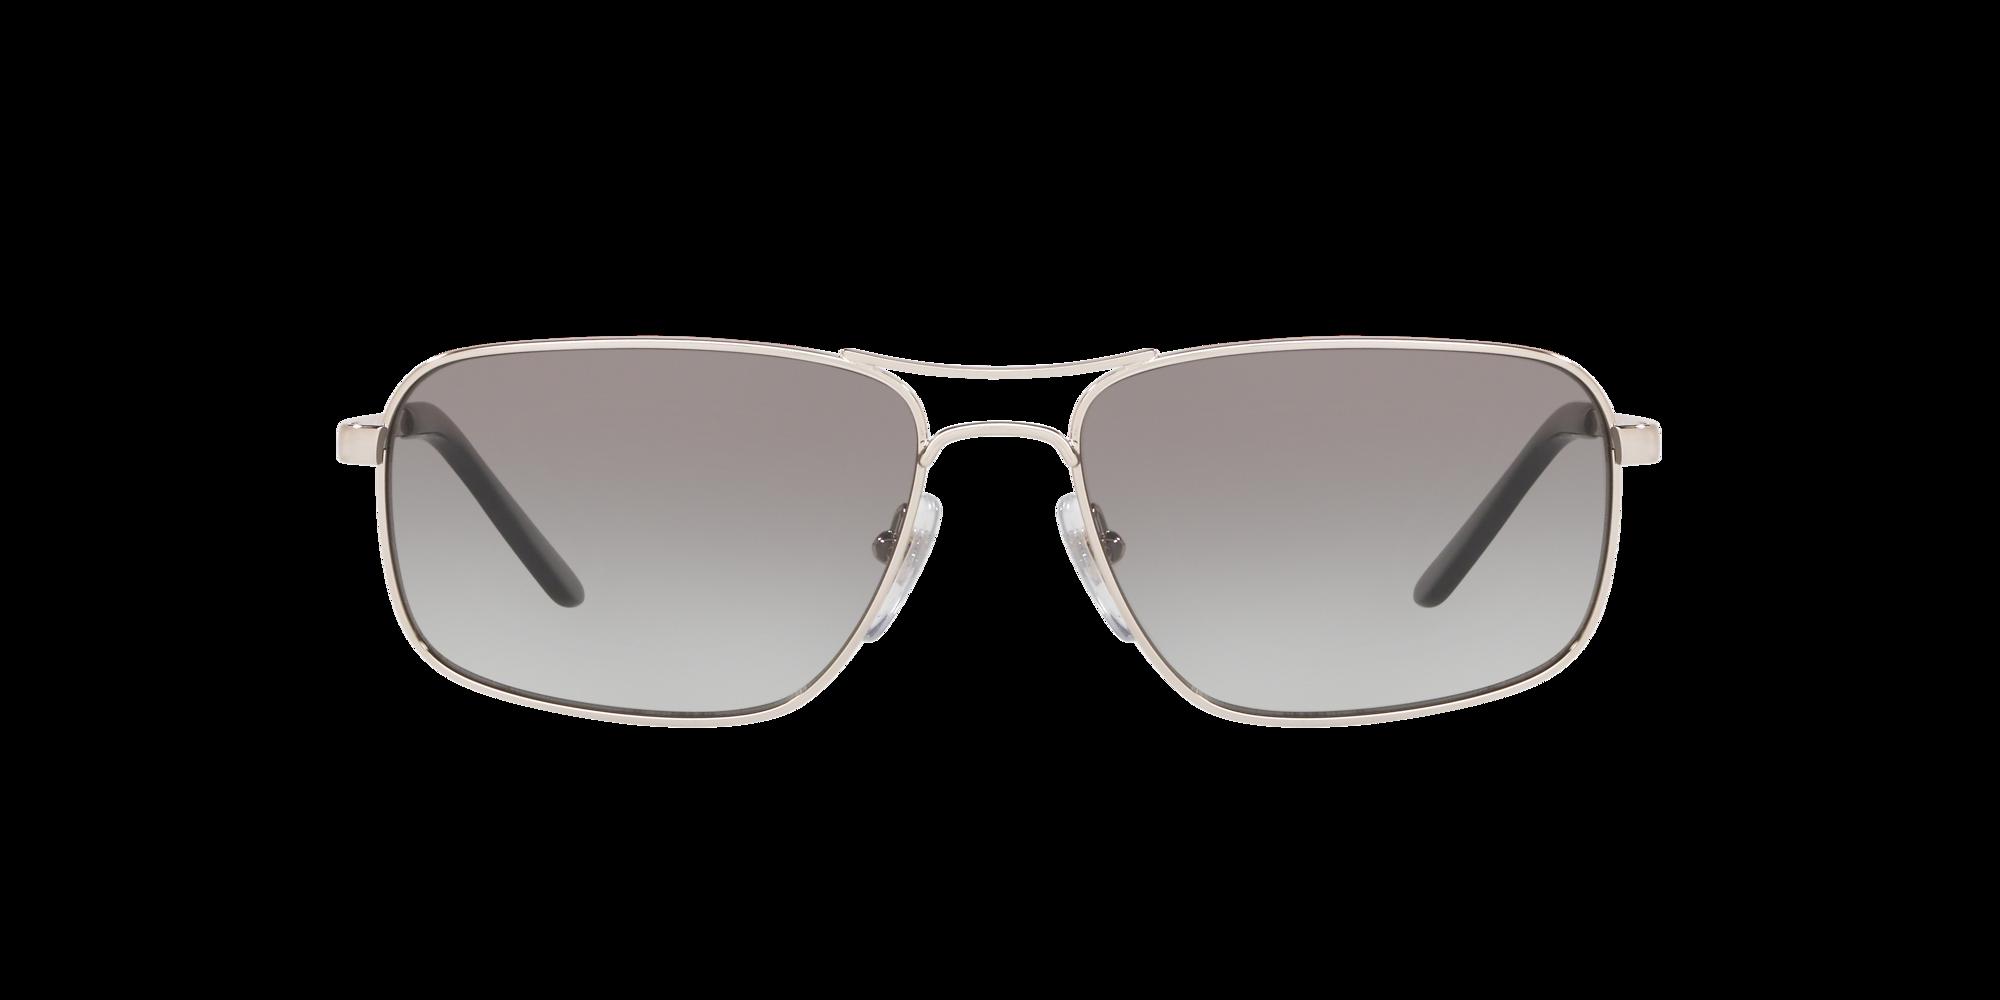 Imagen para SF5005S 58 de LensCrafters |  Espejuelos, espejuelos graduados en línea, gafas